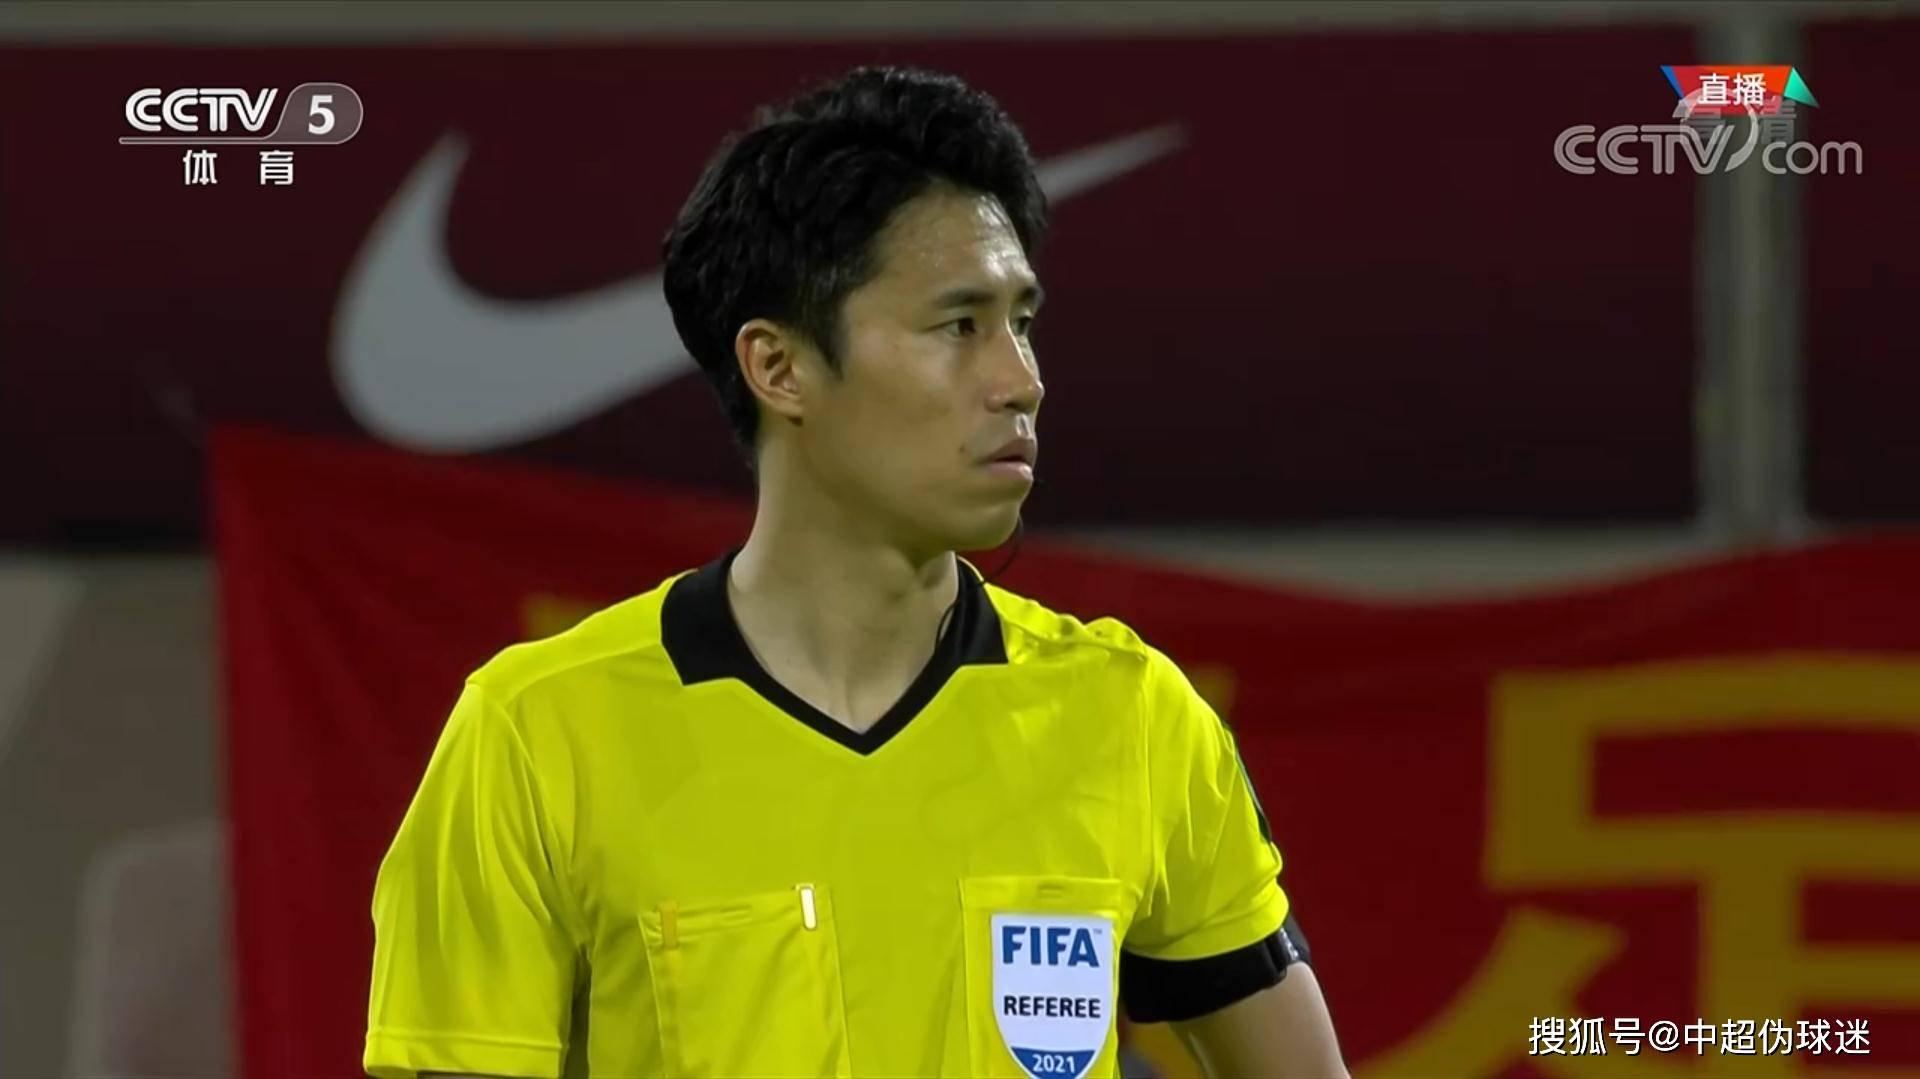 无视菲律宾队手球+吹掉艾克森进球:韩国裁判今天太黑了!